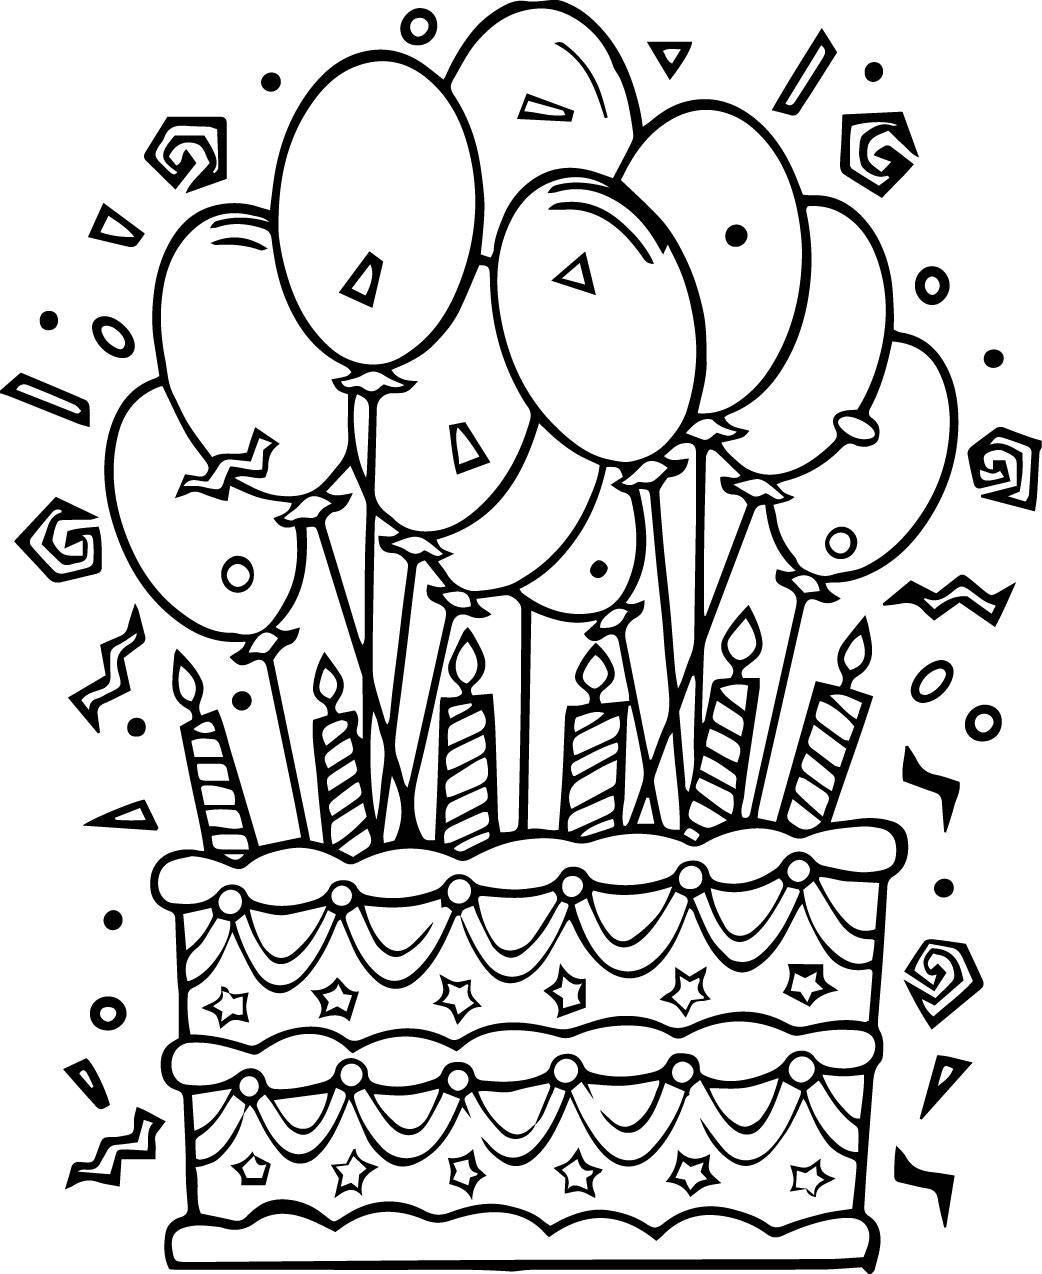 Раскраска Торт со свечами и шарики Скачать торт, свечки, шарики.  Распечатать ,торты,